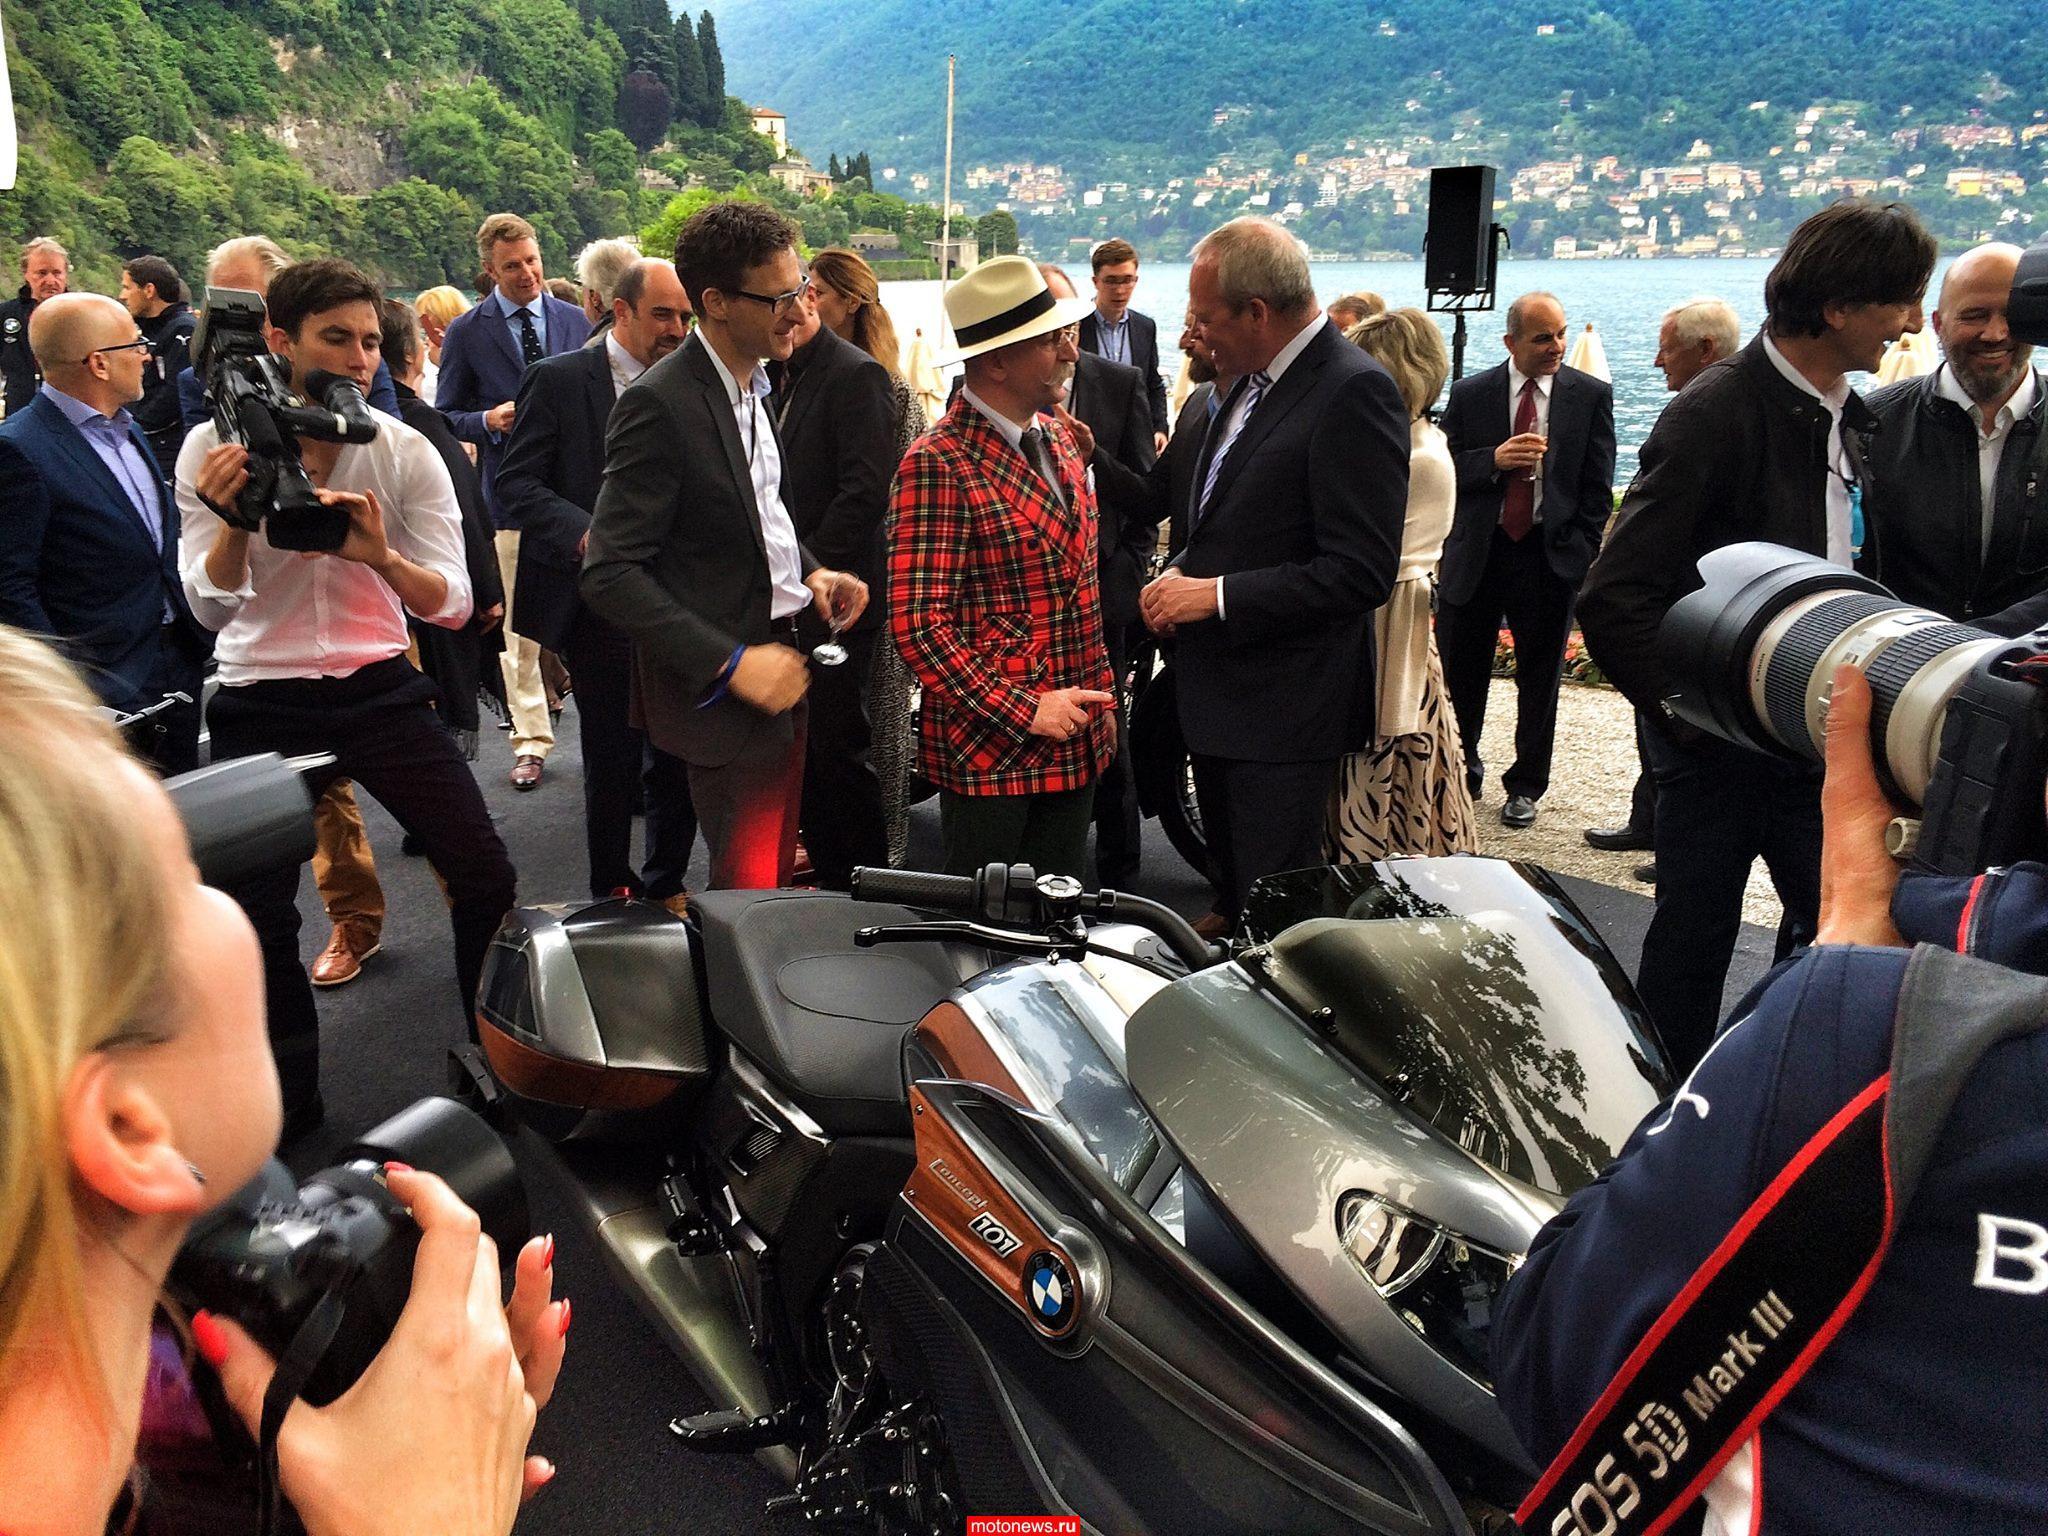 Конкурсный мотоцикл Concept 101 от BMW